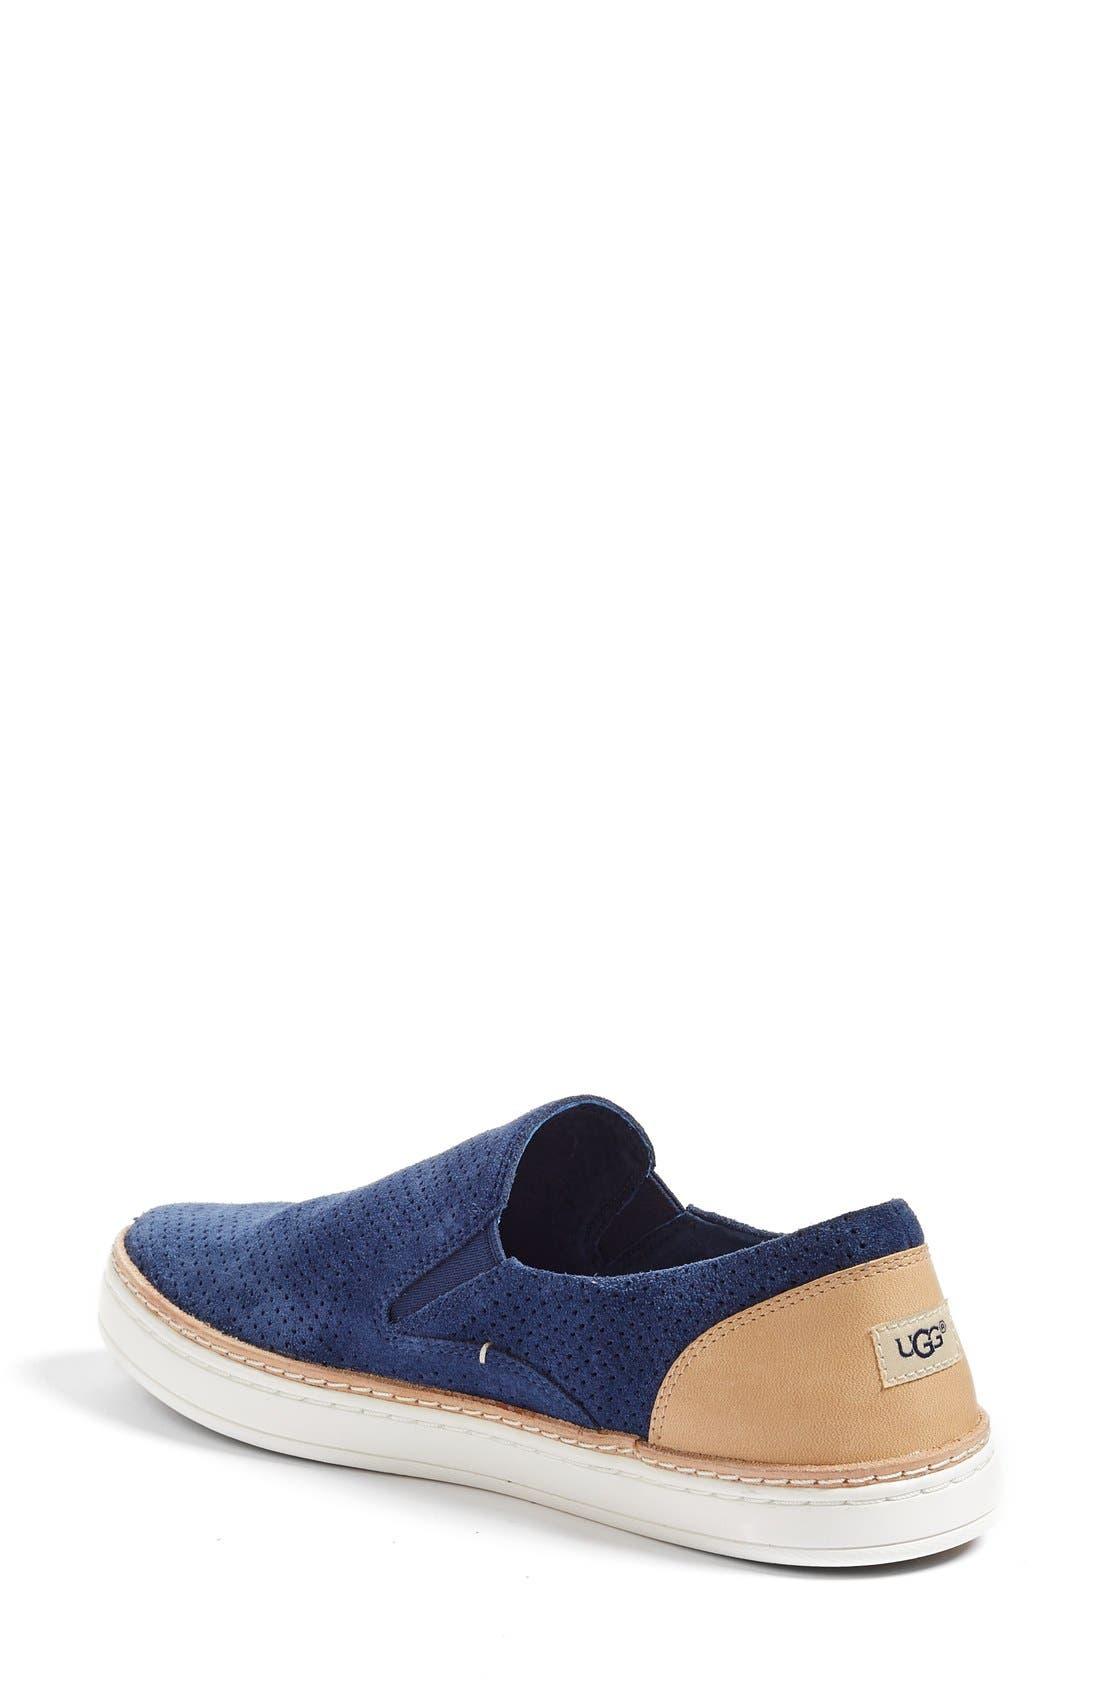 Adley Slip-On Sneaker,                             Alternate thumbnail 63, color,